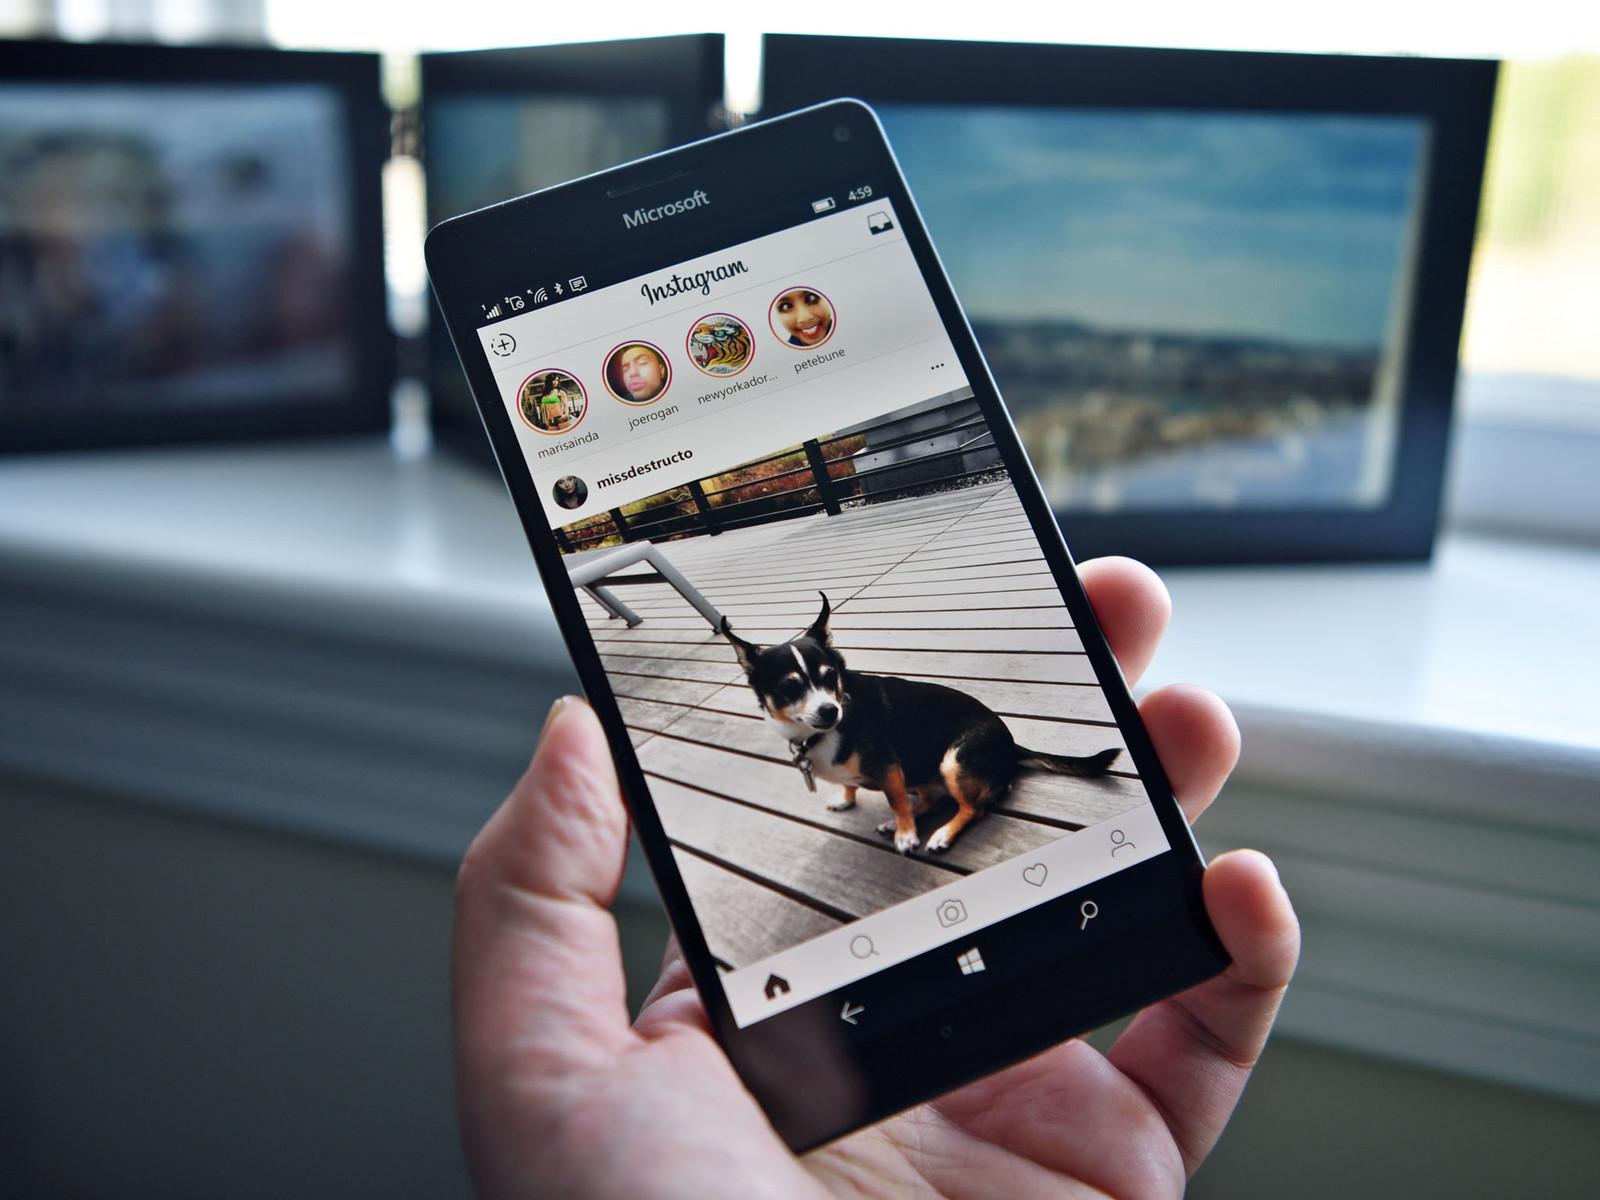 коктейли фото фото с телефона для продажи на фотостоках поддерживать